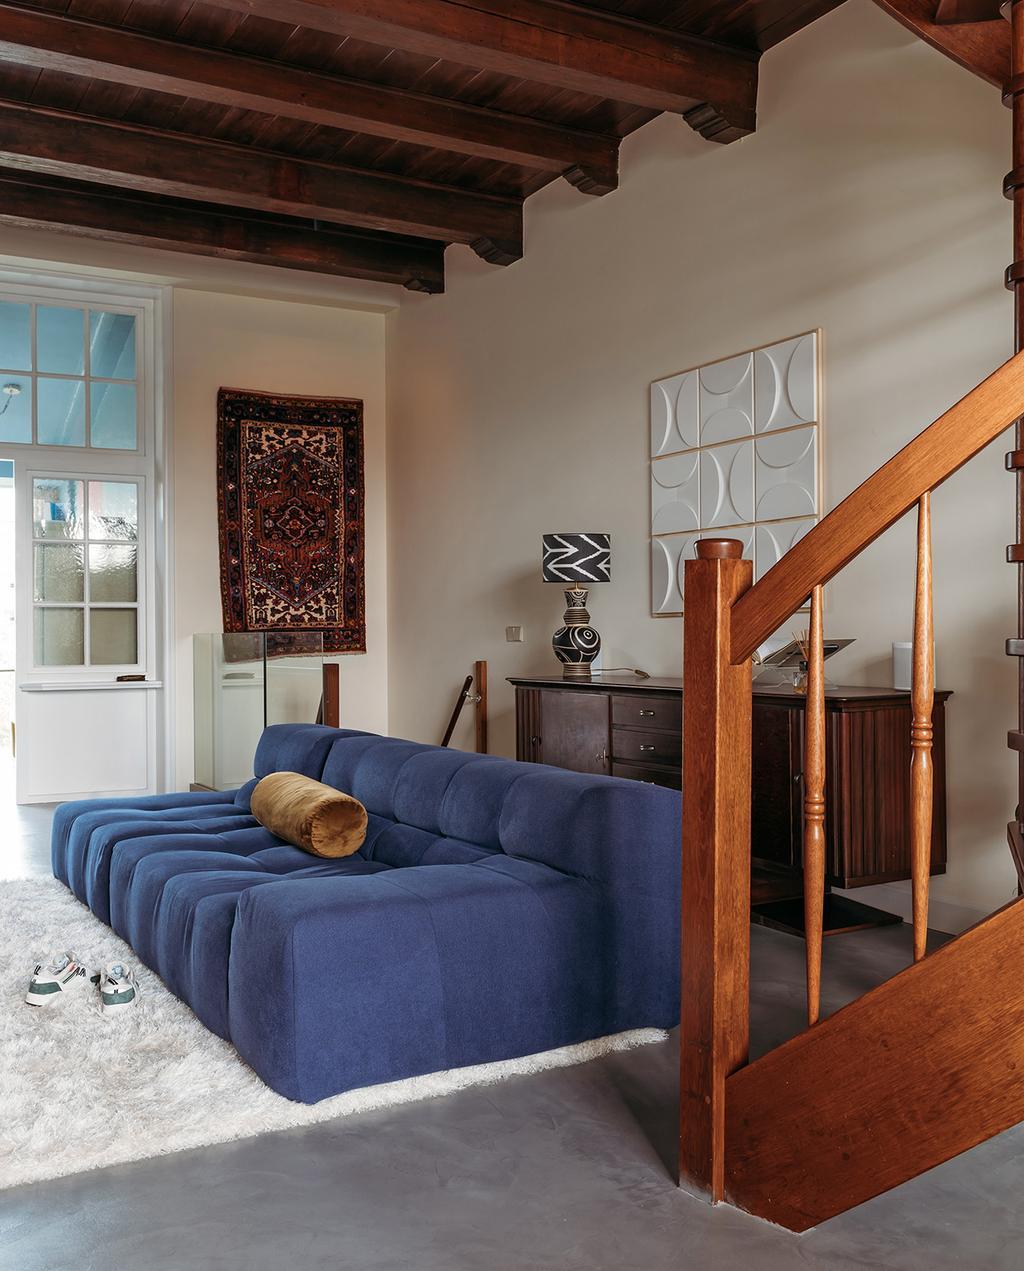 vtwonen 03-2021 | woonkamer met blauwe bank en Perzisch tapijt aan de wand